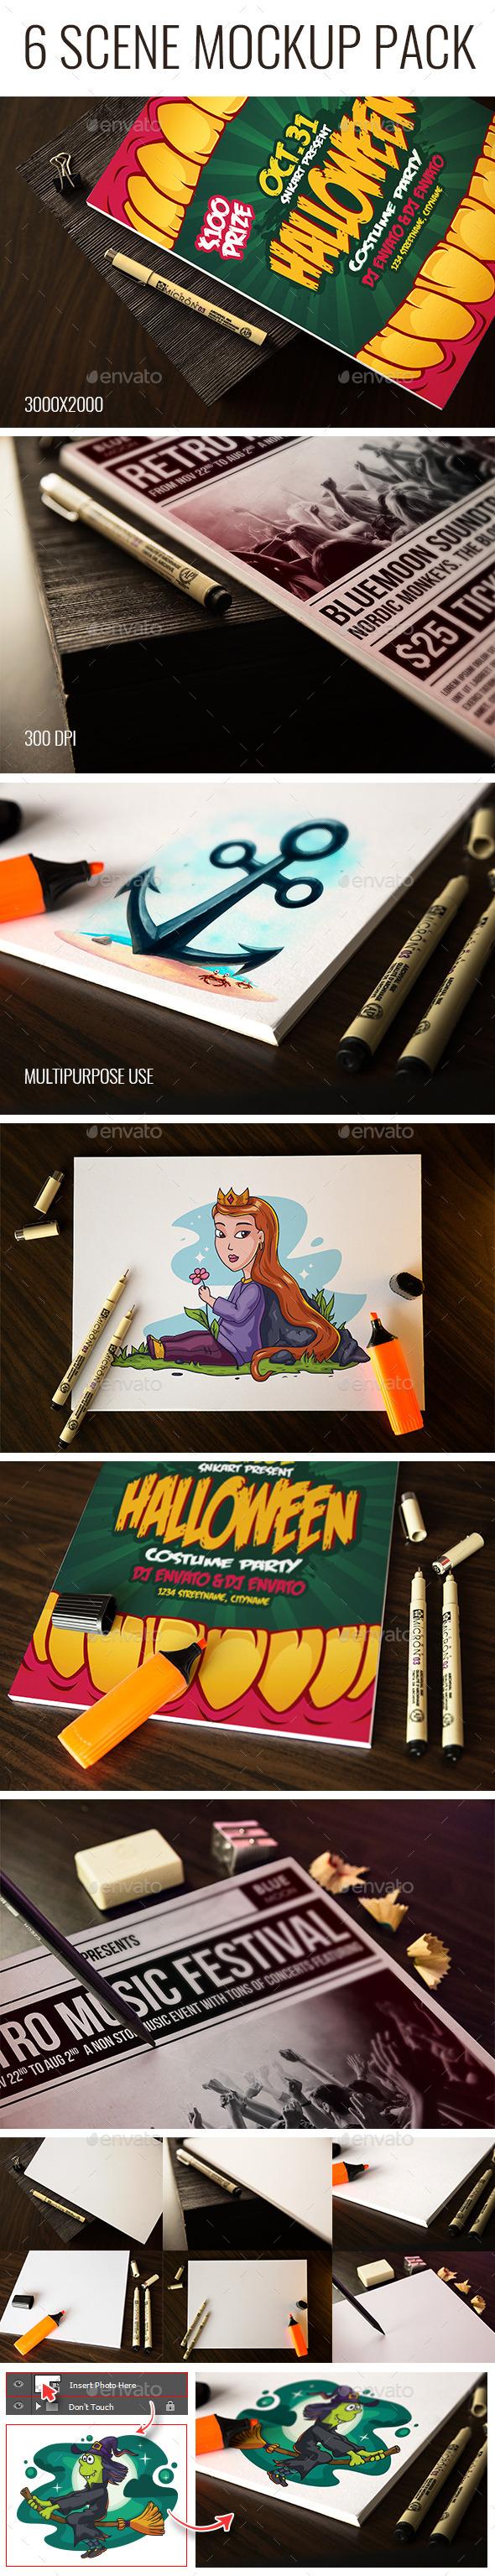 6 Scene Sketch Mockup - Print Product Mock-Ups